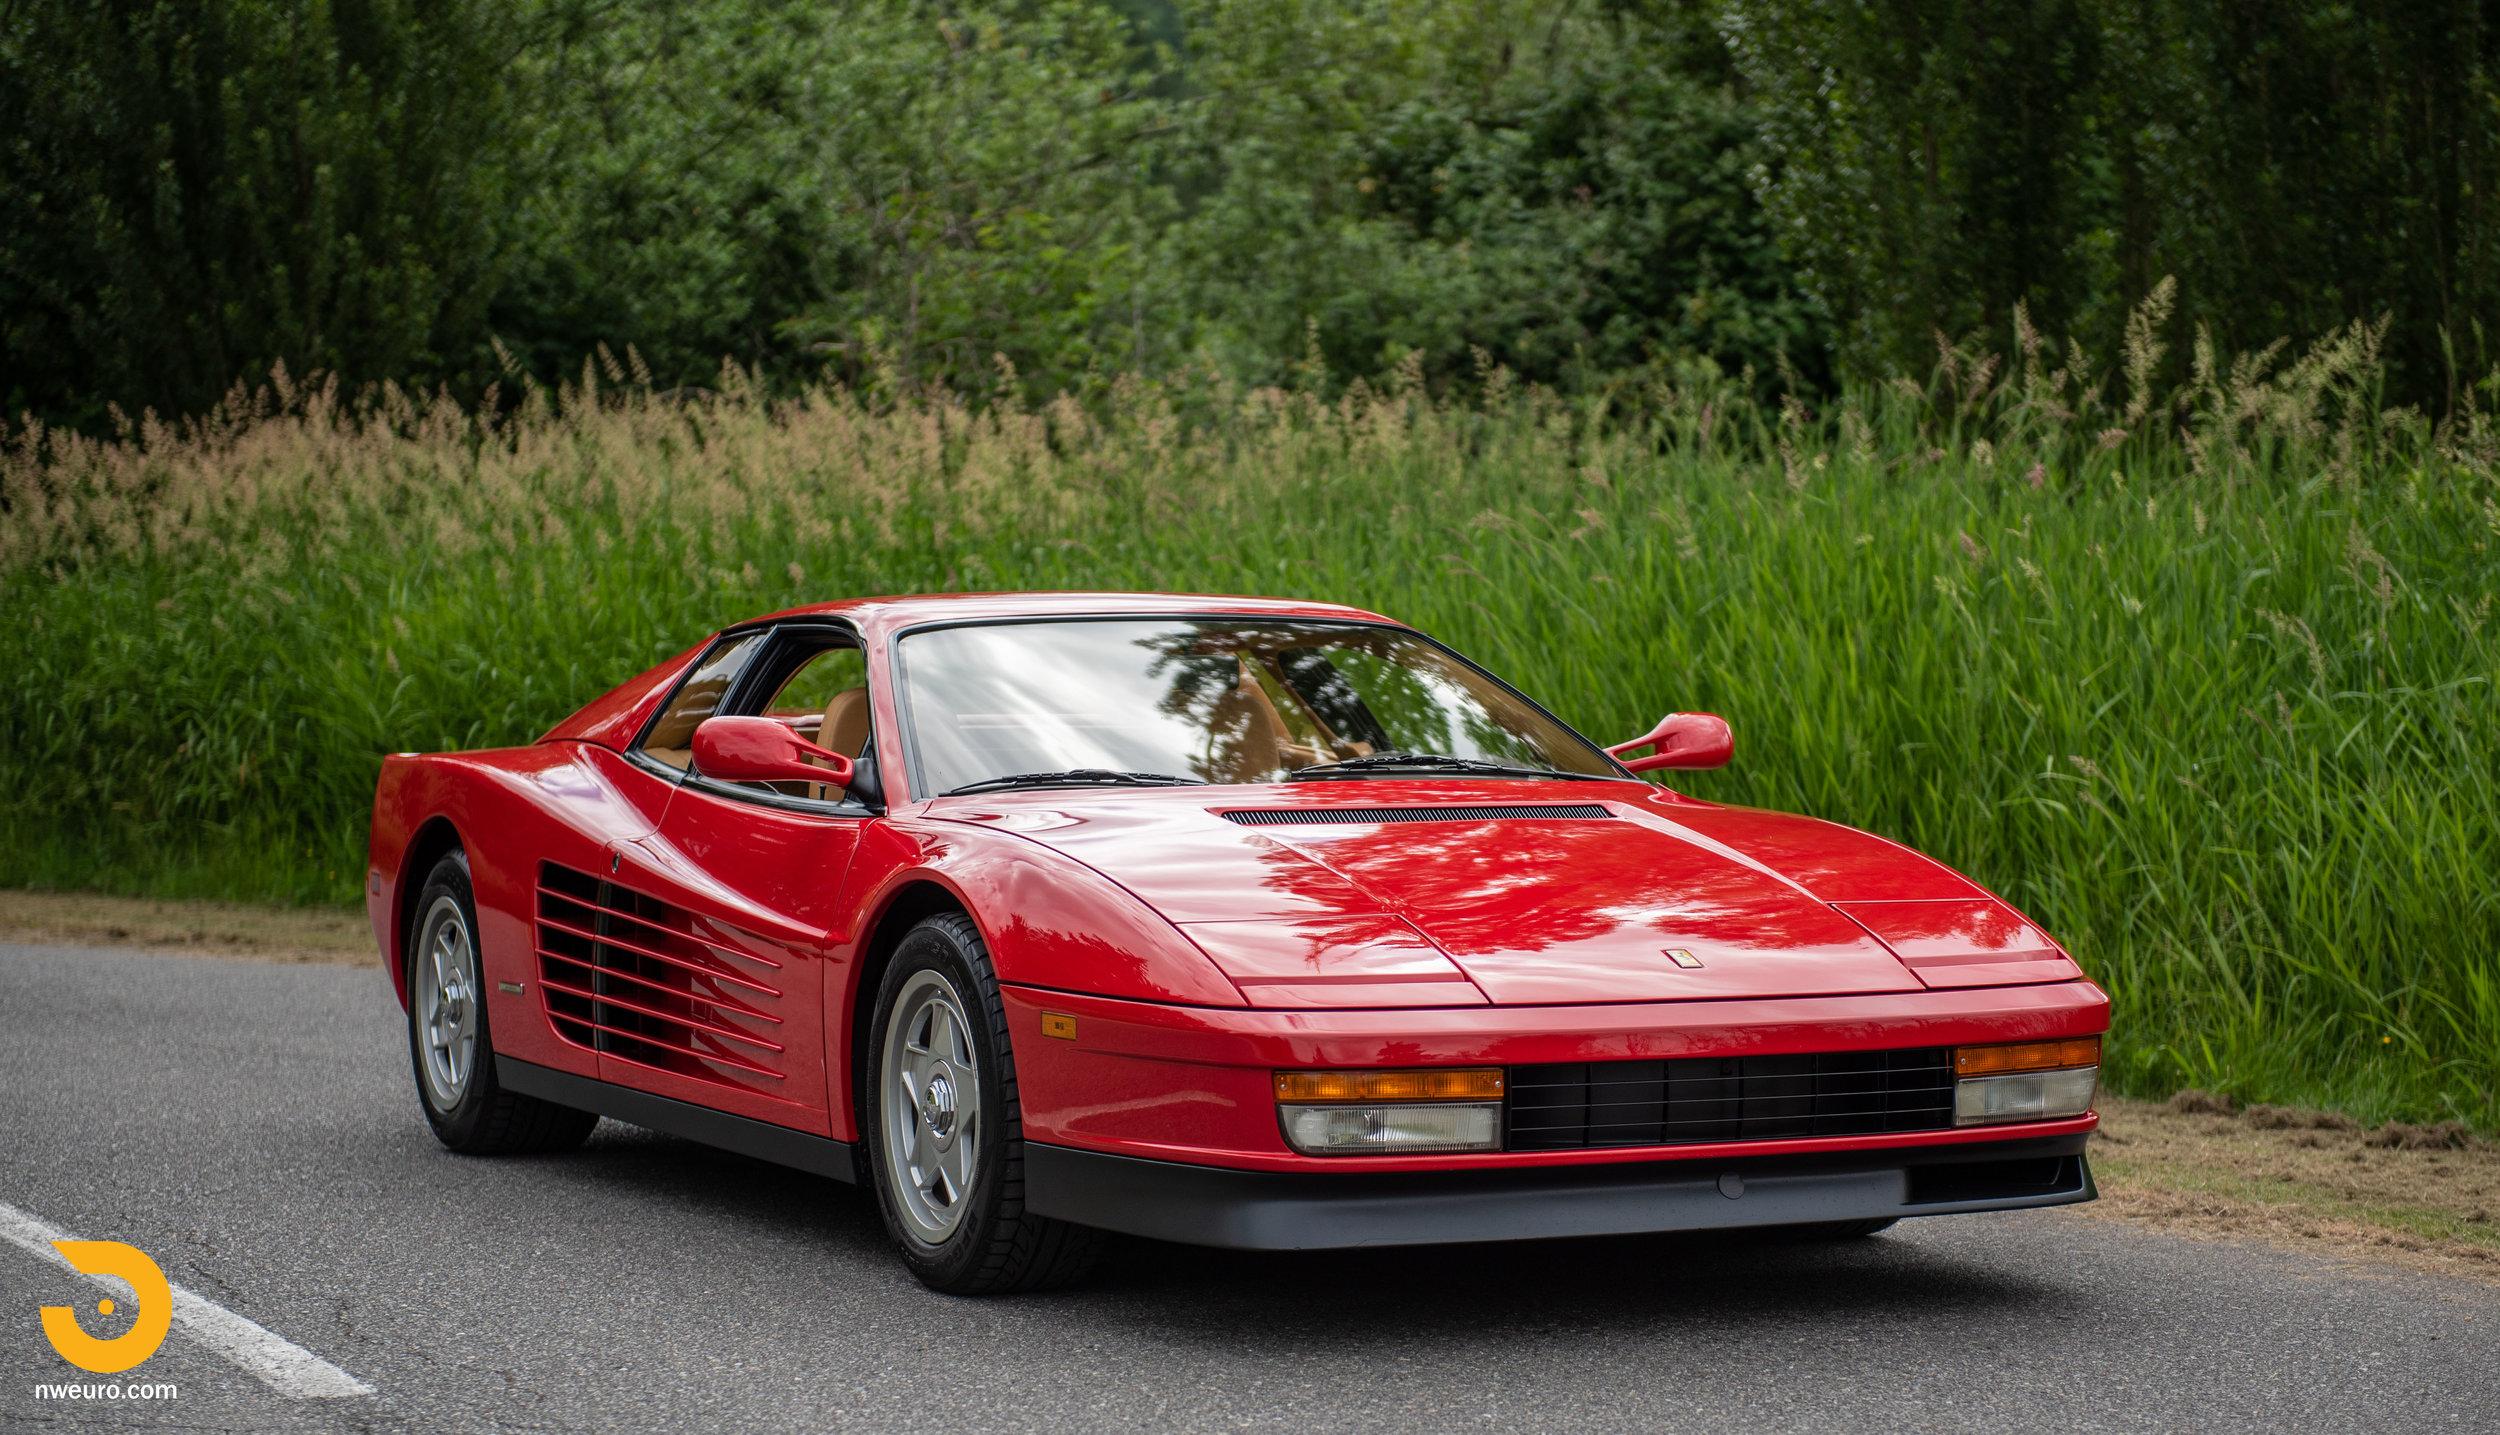 1988 Ferrari Testarossa-98.jpg